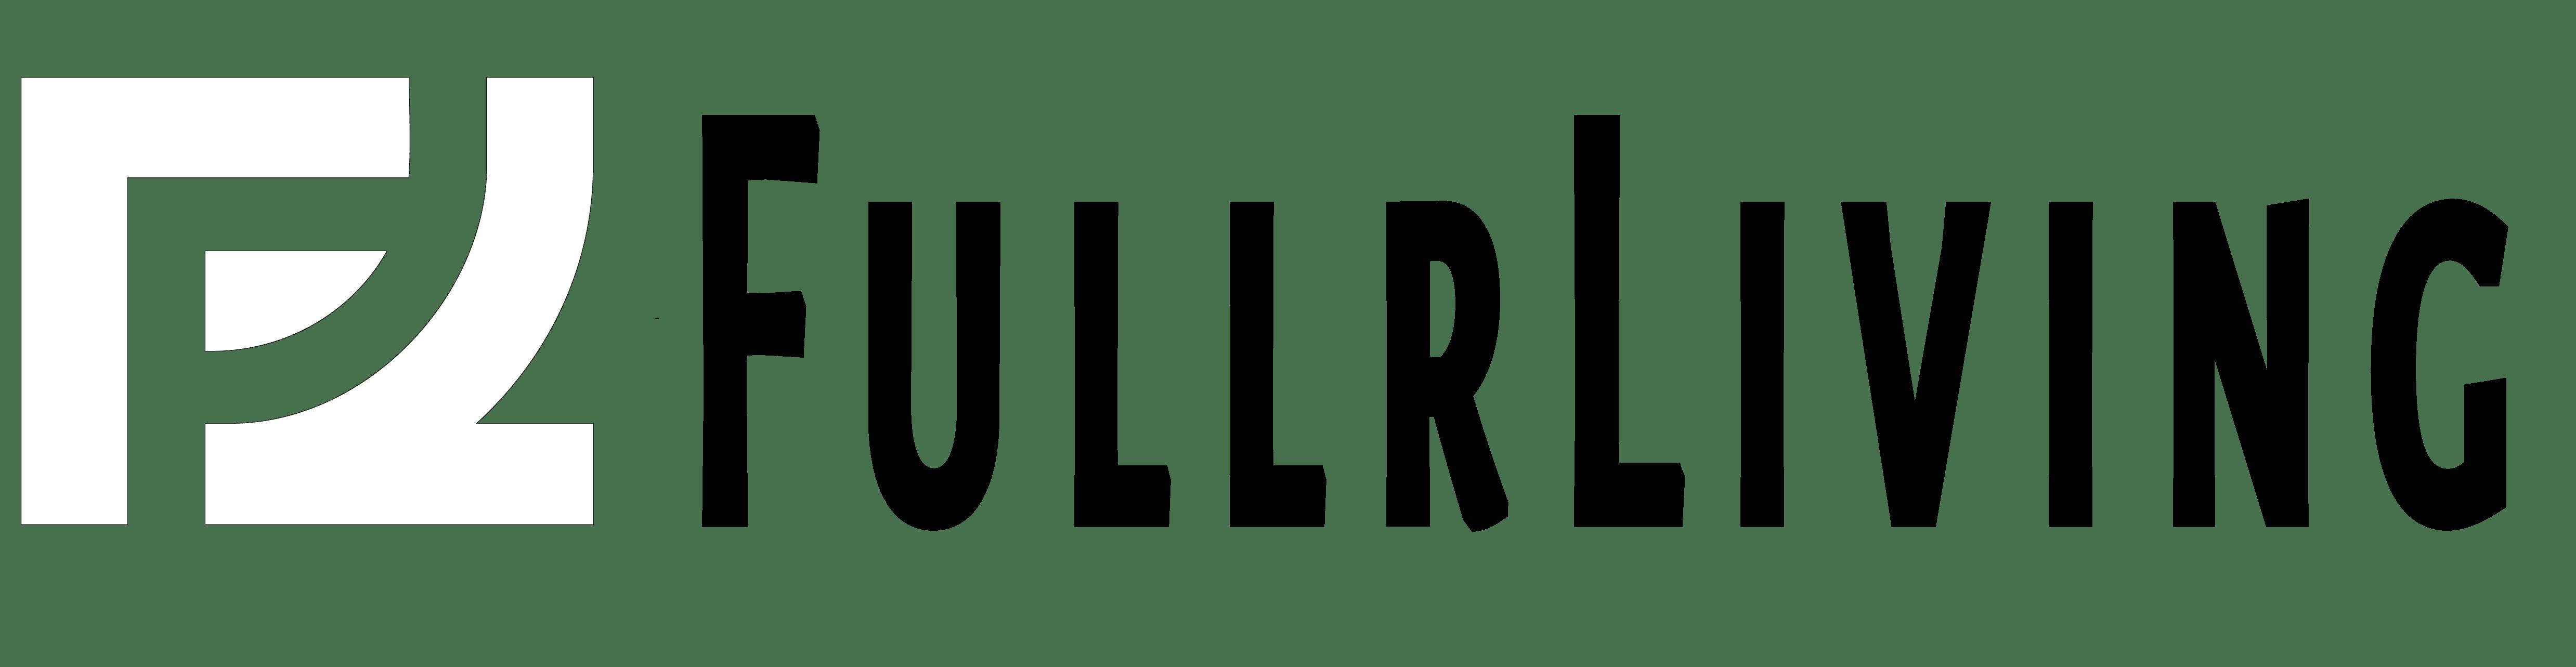 Fullrliving